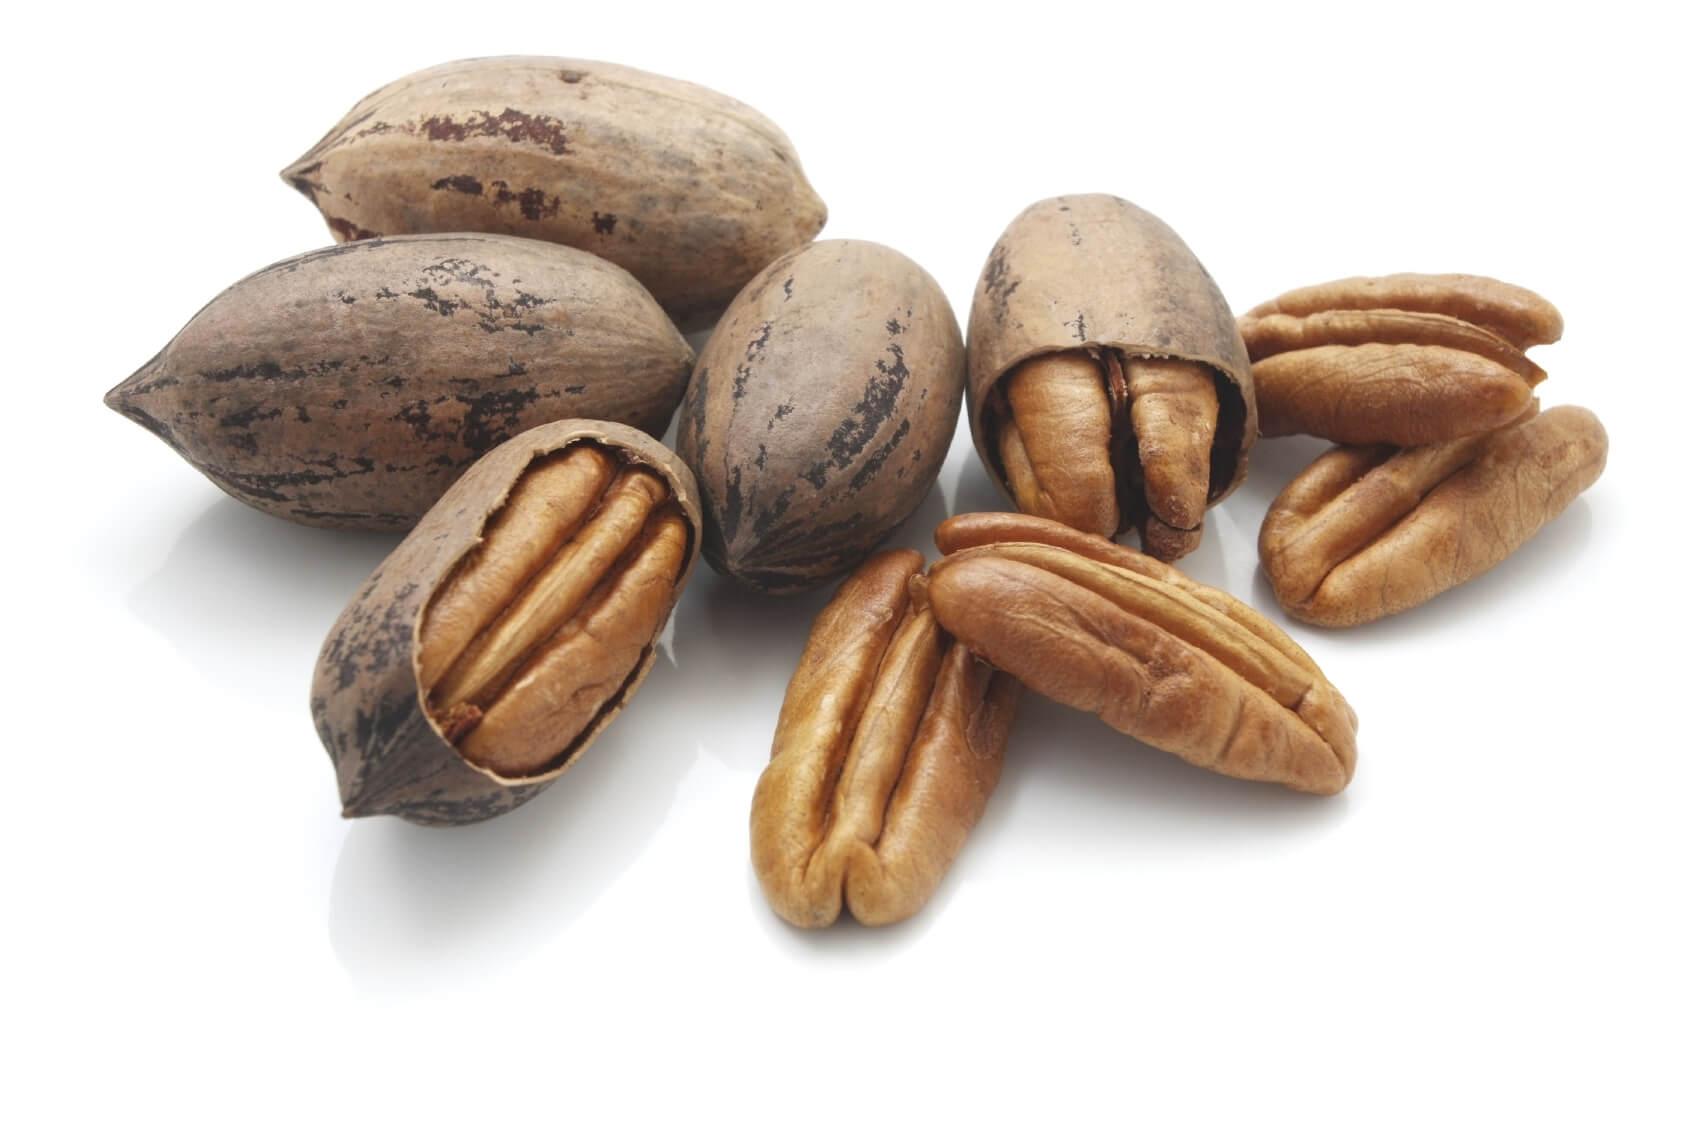 Описание пекана, который похож на грецкий орех, но вытянутой формы